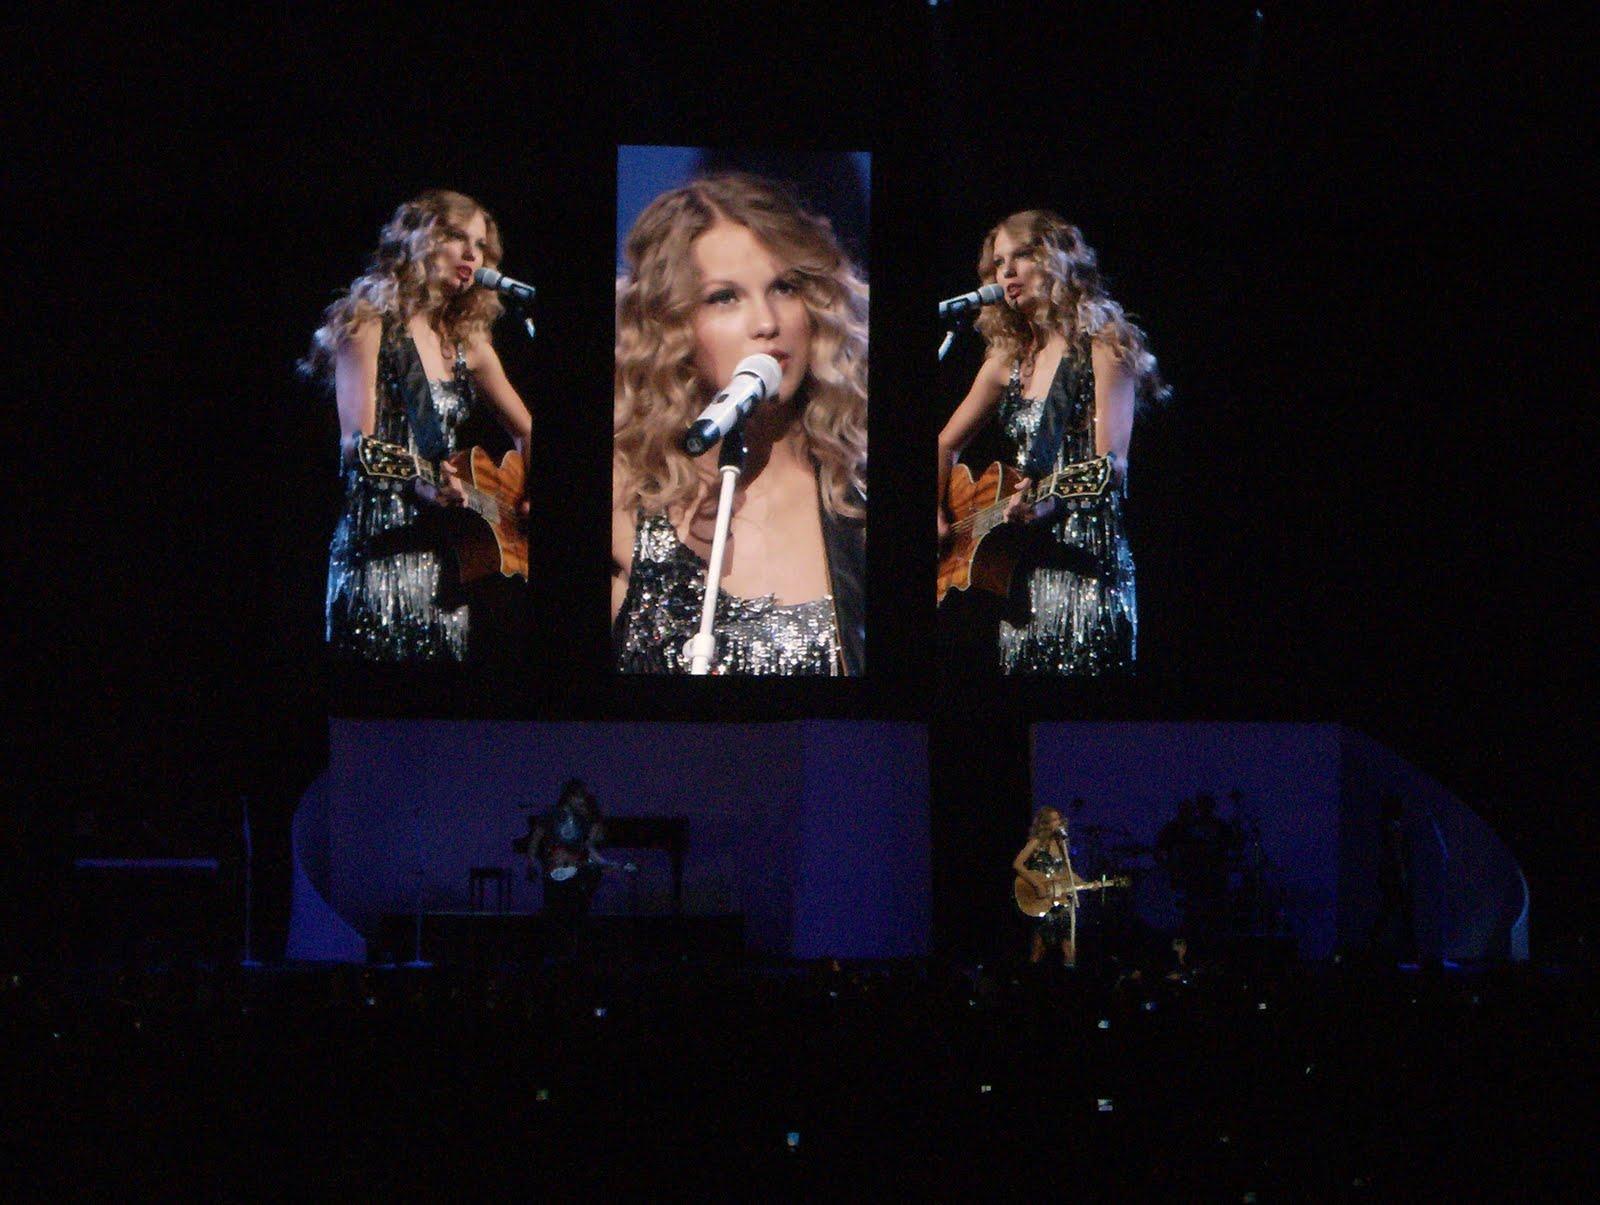 http://4.bp.blogspot.com/_Nuta_CQvImI/THnWr59F8QI/AAAAAAAAC2w/X93kRls5cvI/s1600/Taylor-Swift-performing,-Philadelphia,-Fearless-tour,-2009.JPG